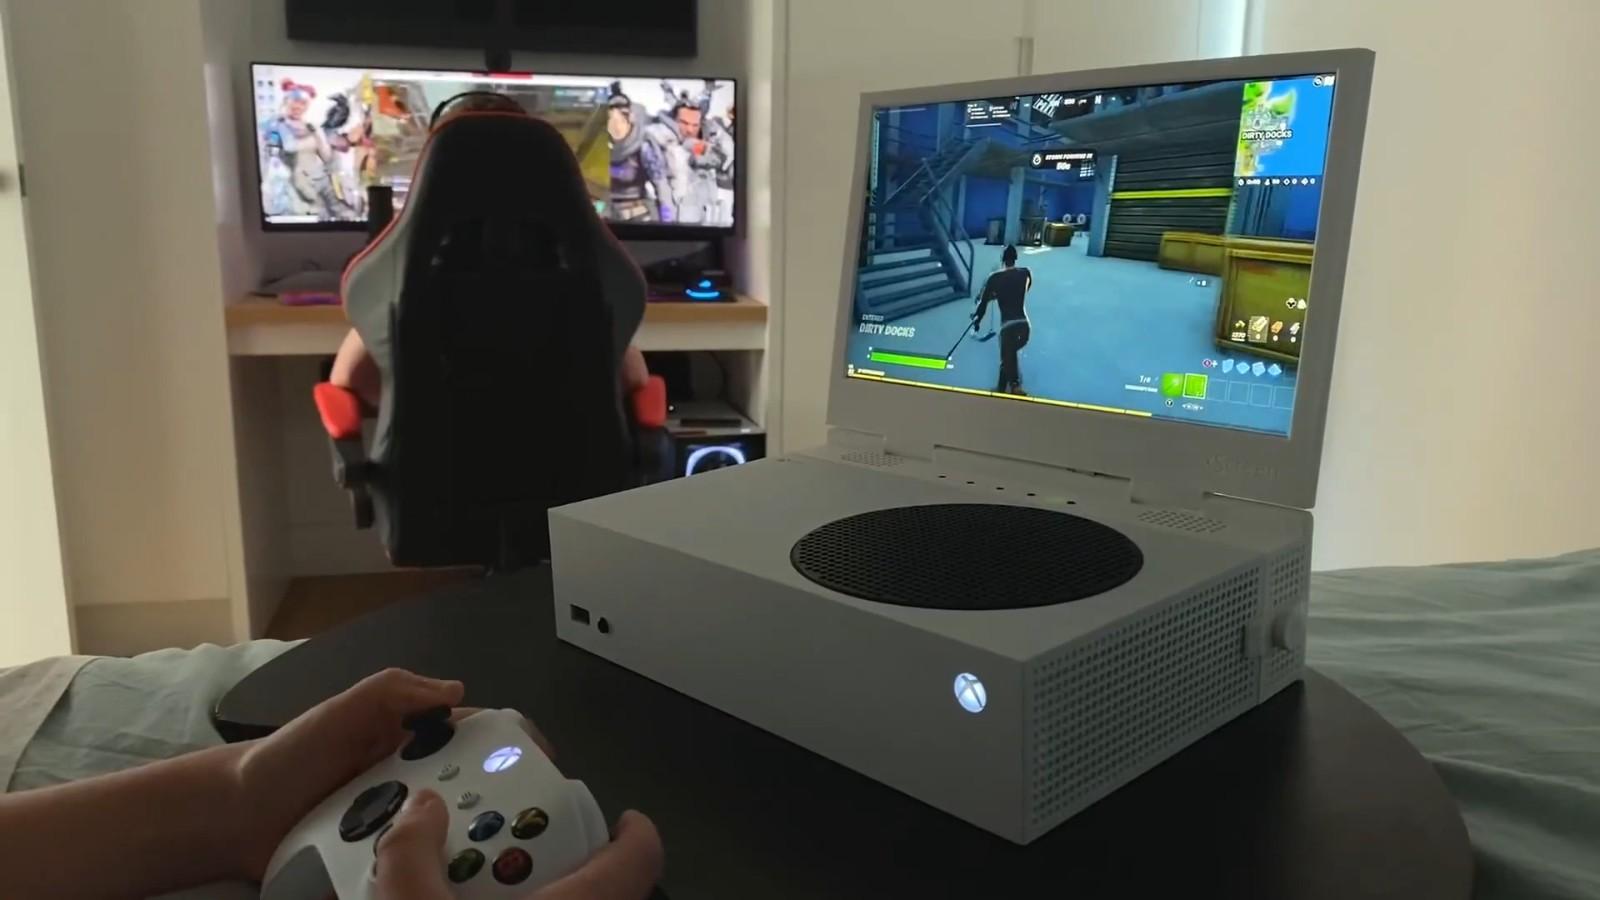 XSS便携式显示器xScreen预告 已达到众筹目标